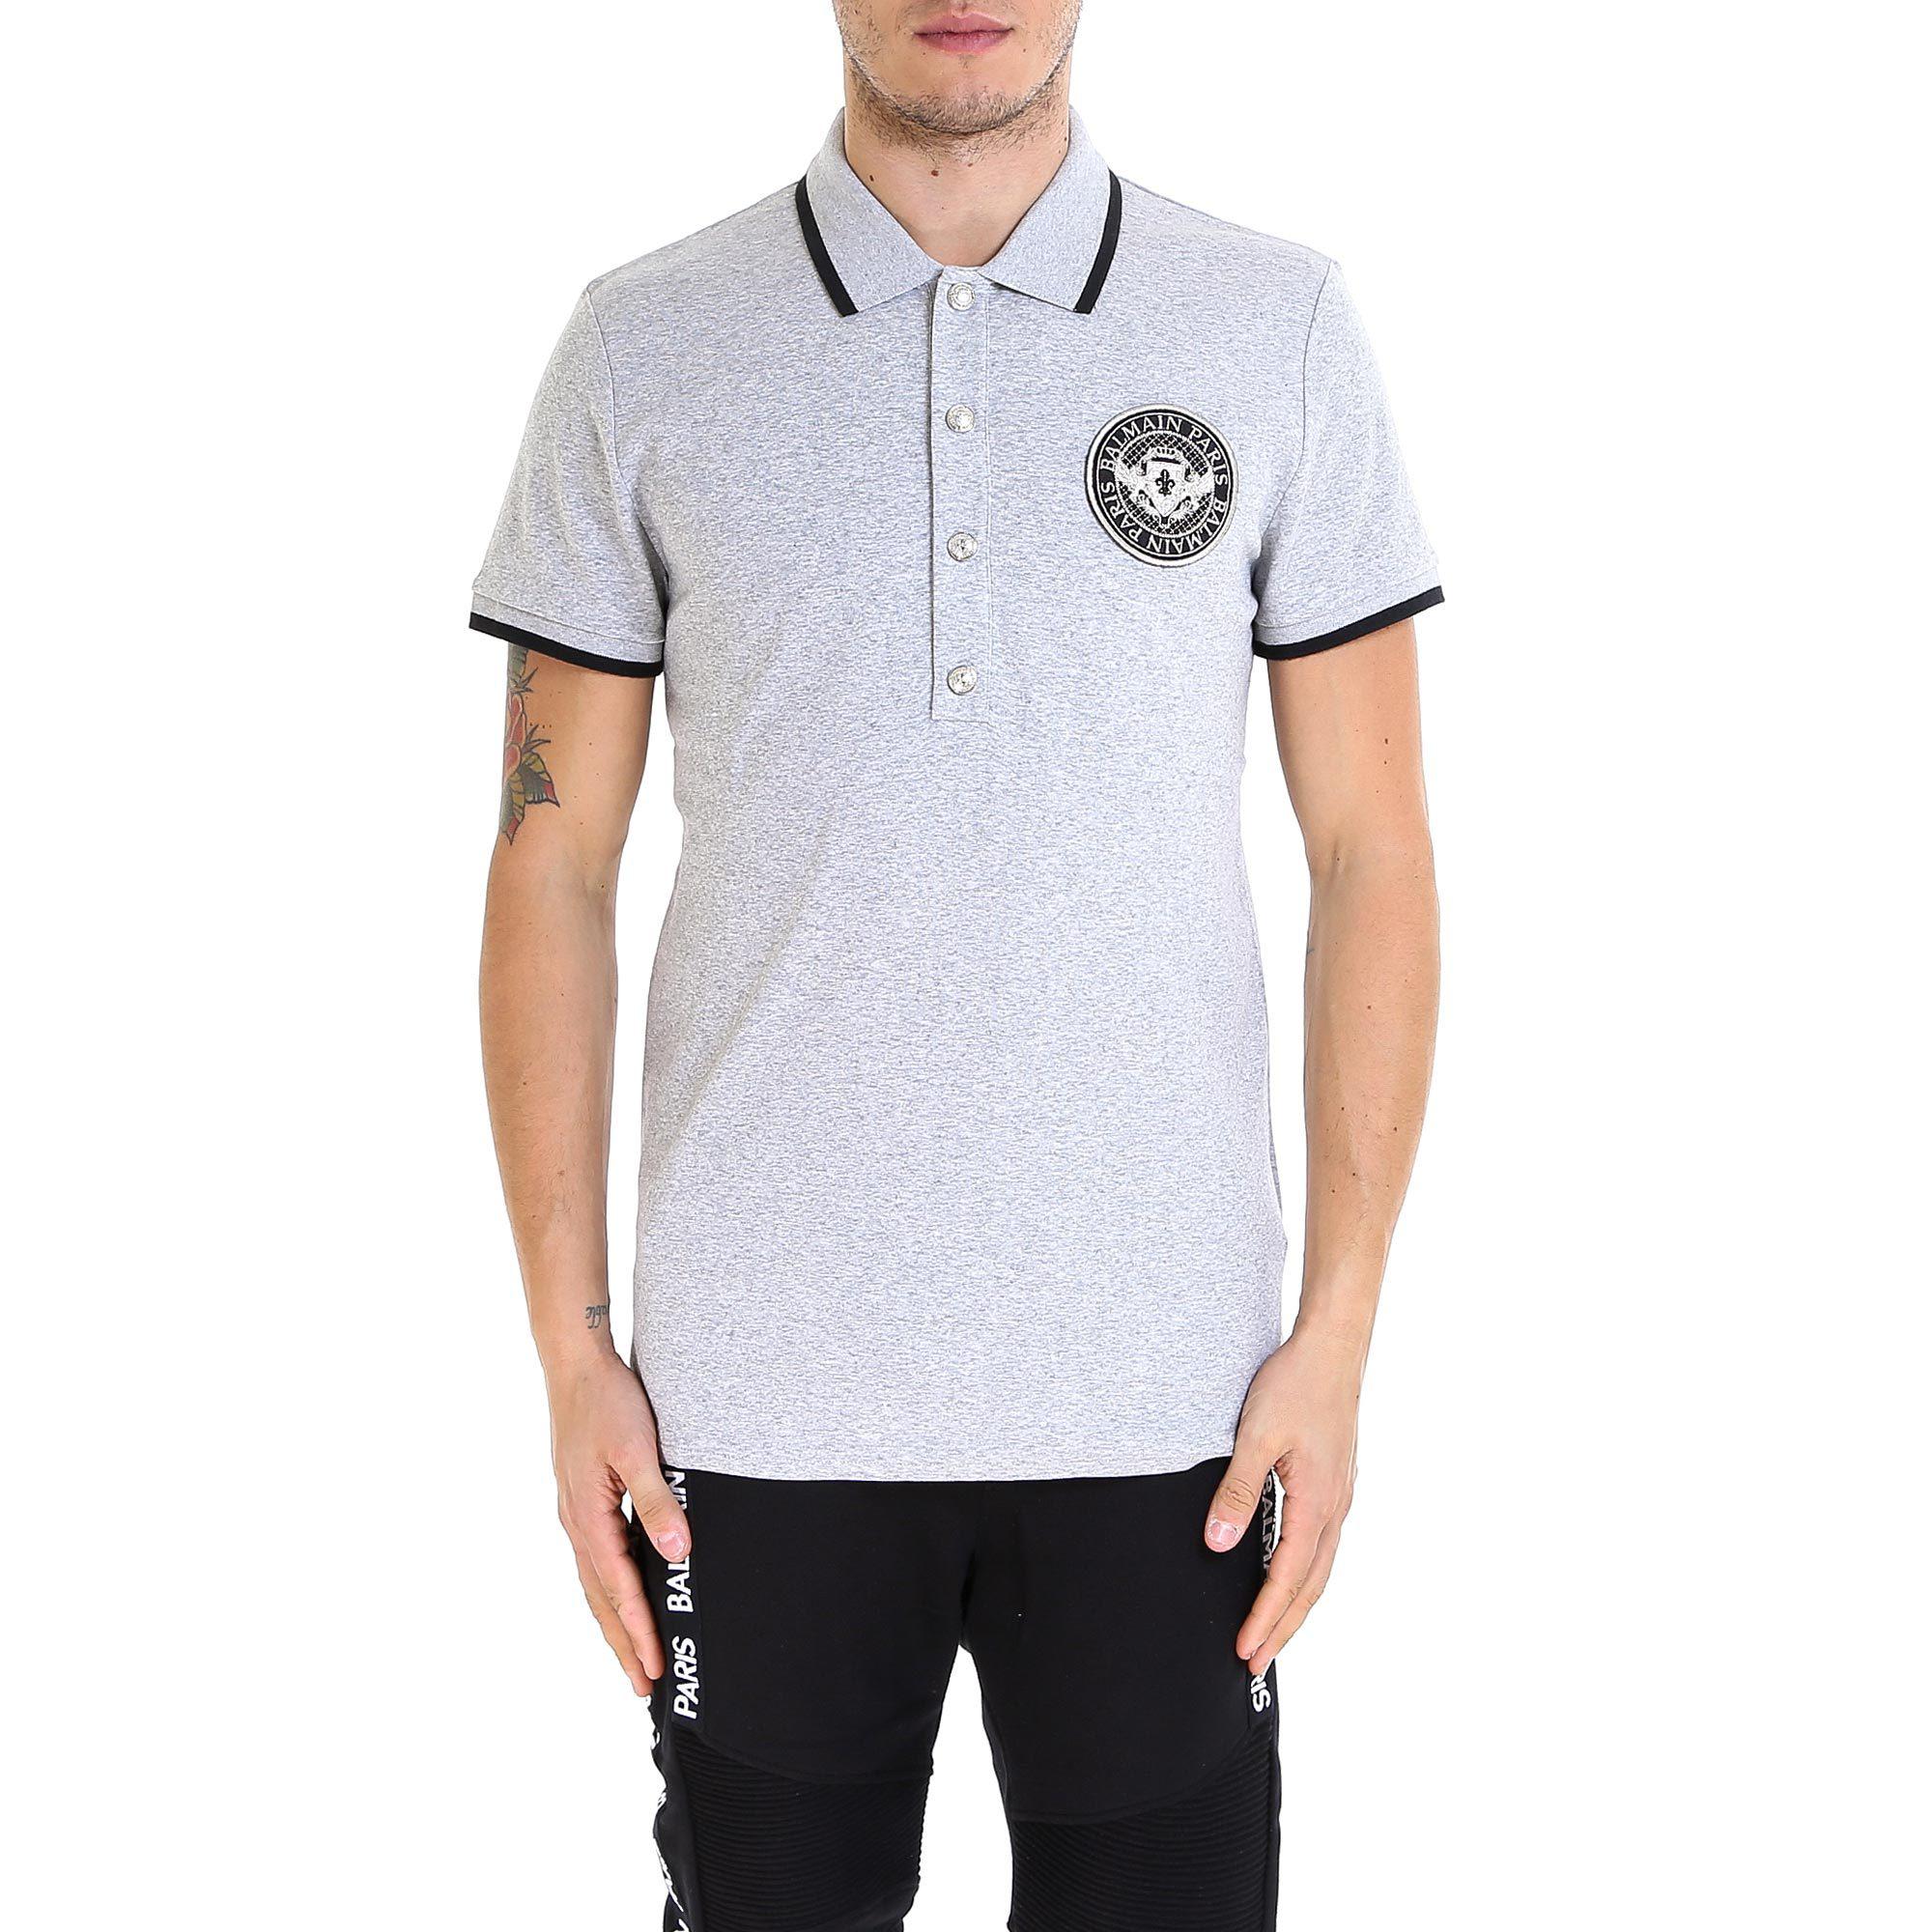 df635a12 Balmain Logo Patch Polo Shirt In Grey | ModeSens